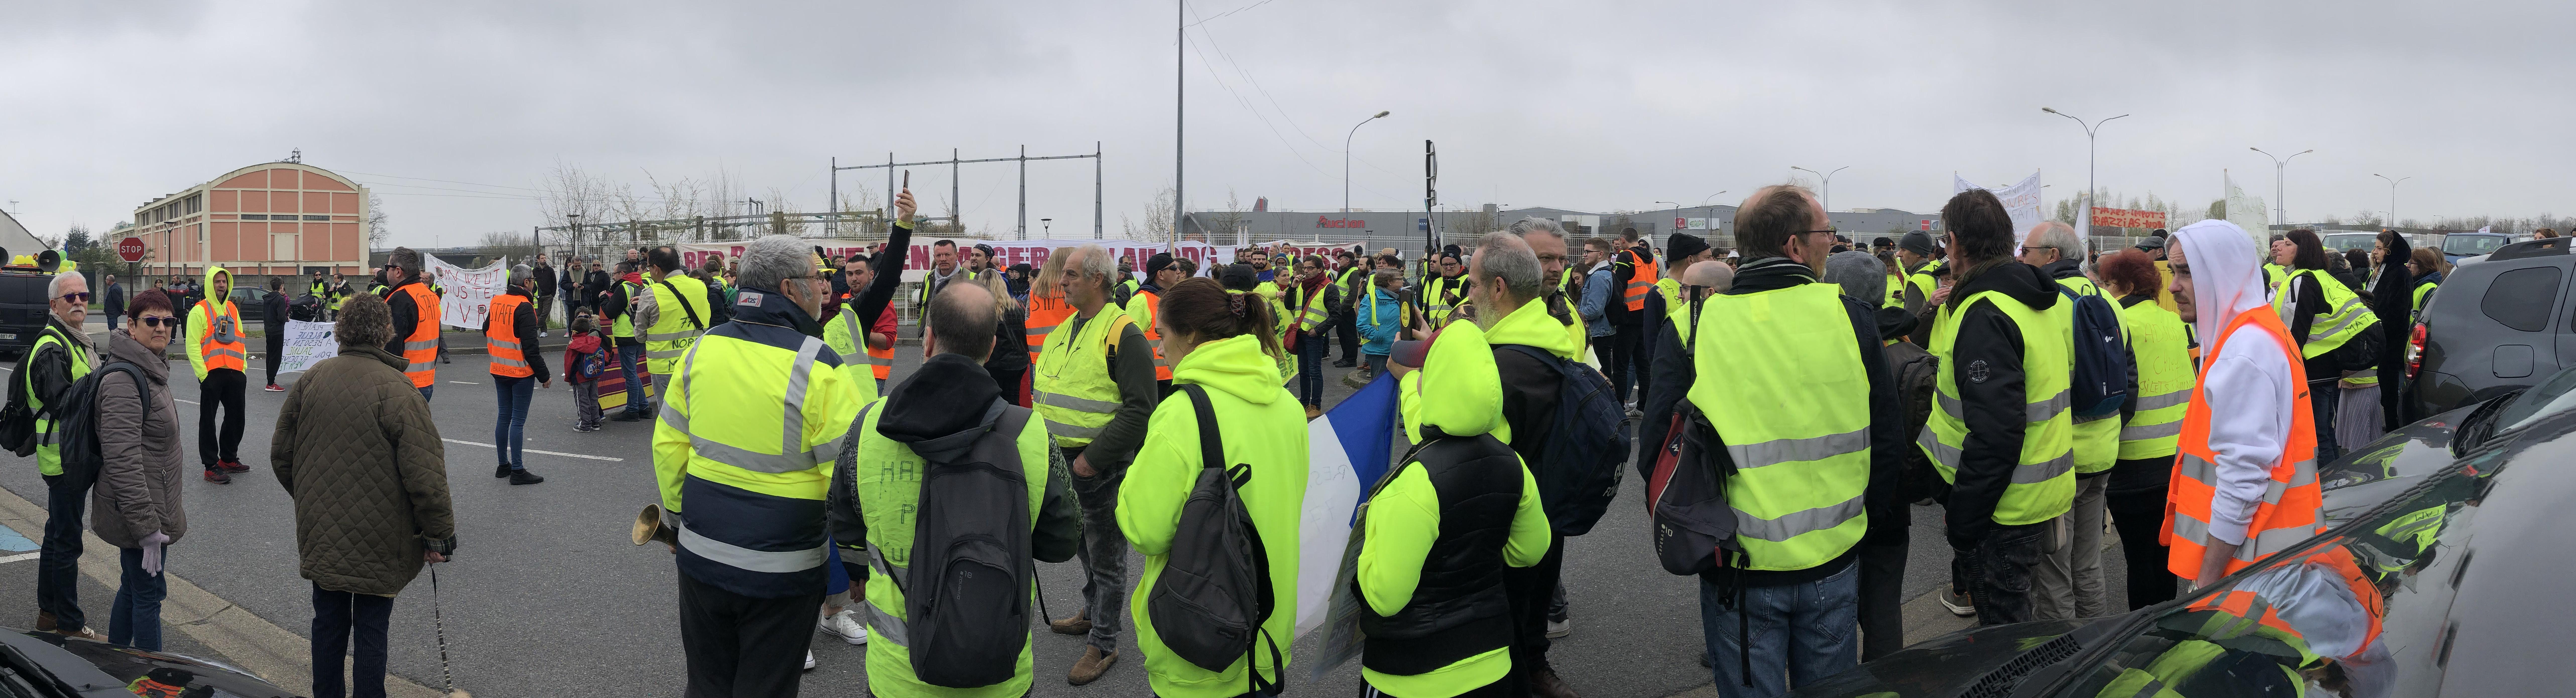 Marche citoyenne à Meaux le 23 mars : un grand succès !